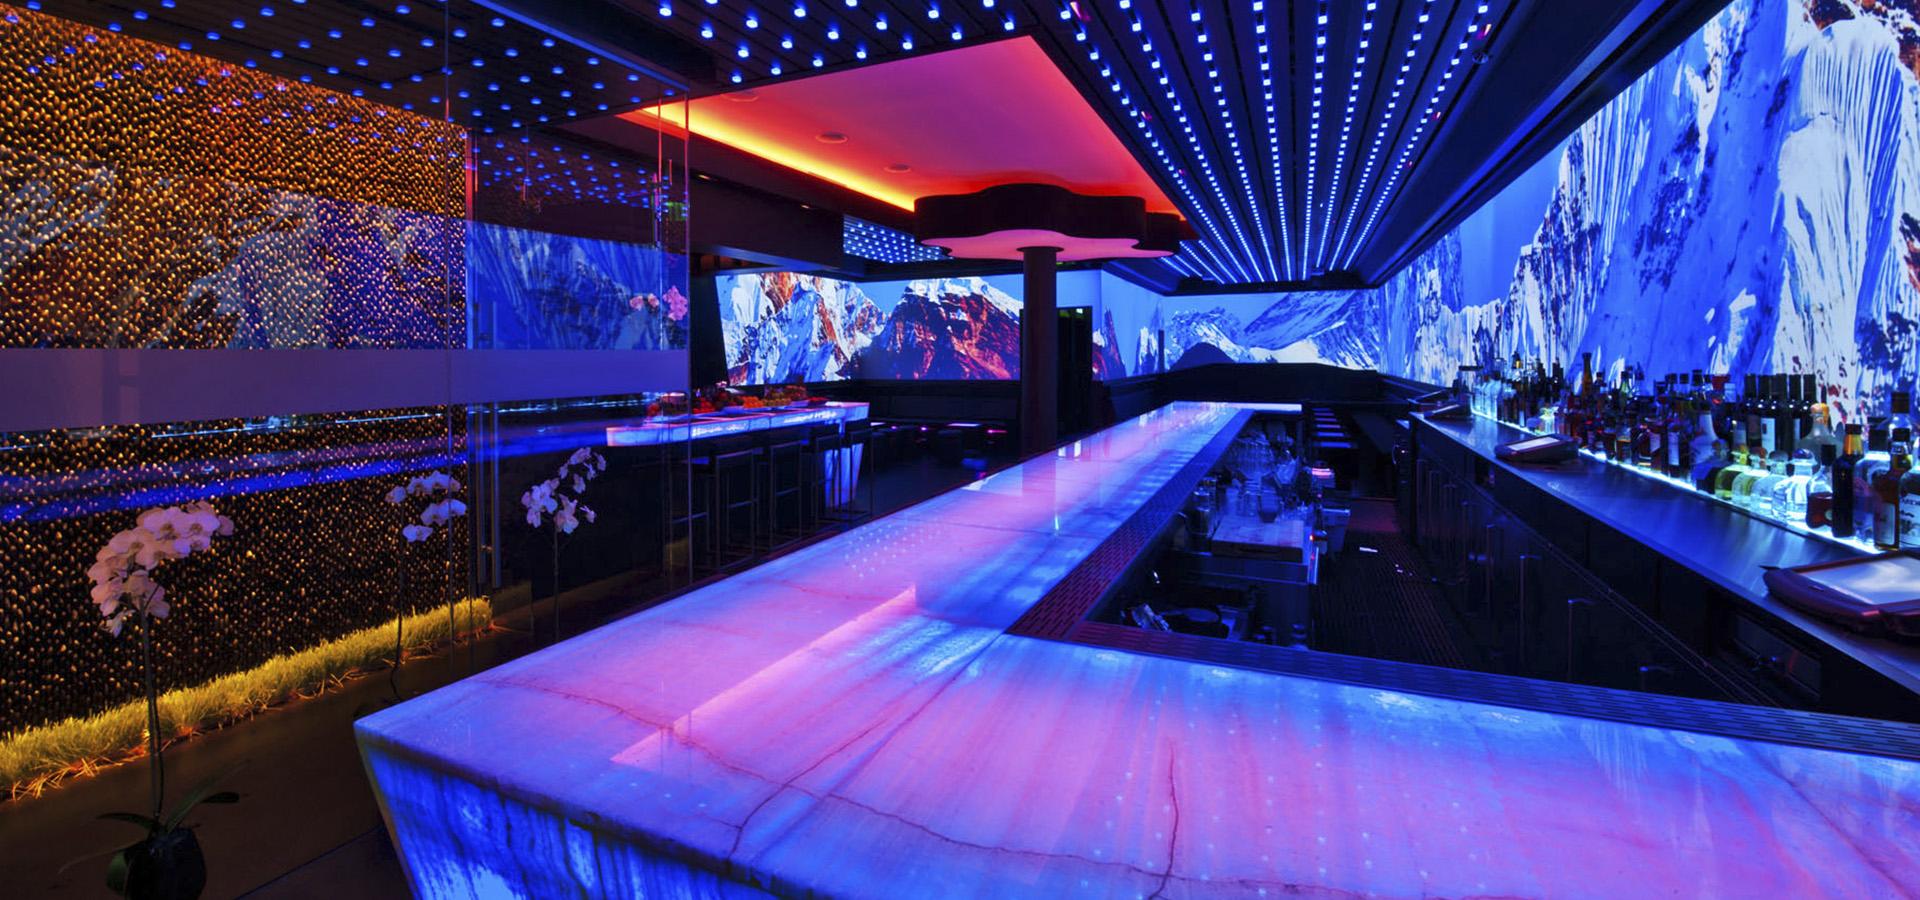 iluminación pub con fibra óptica y LED